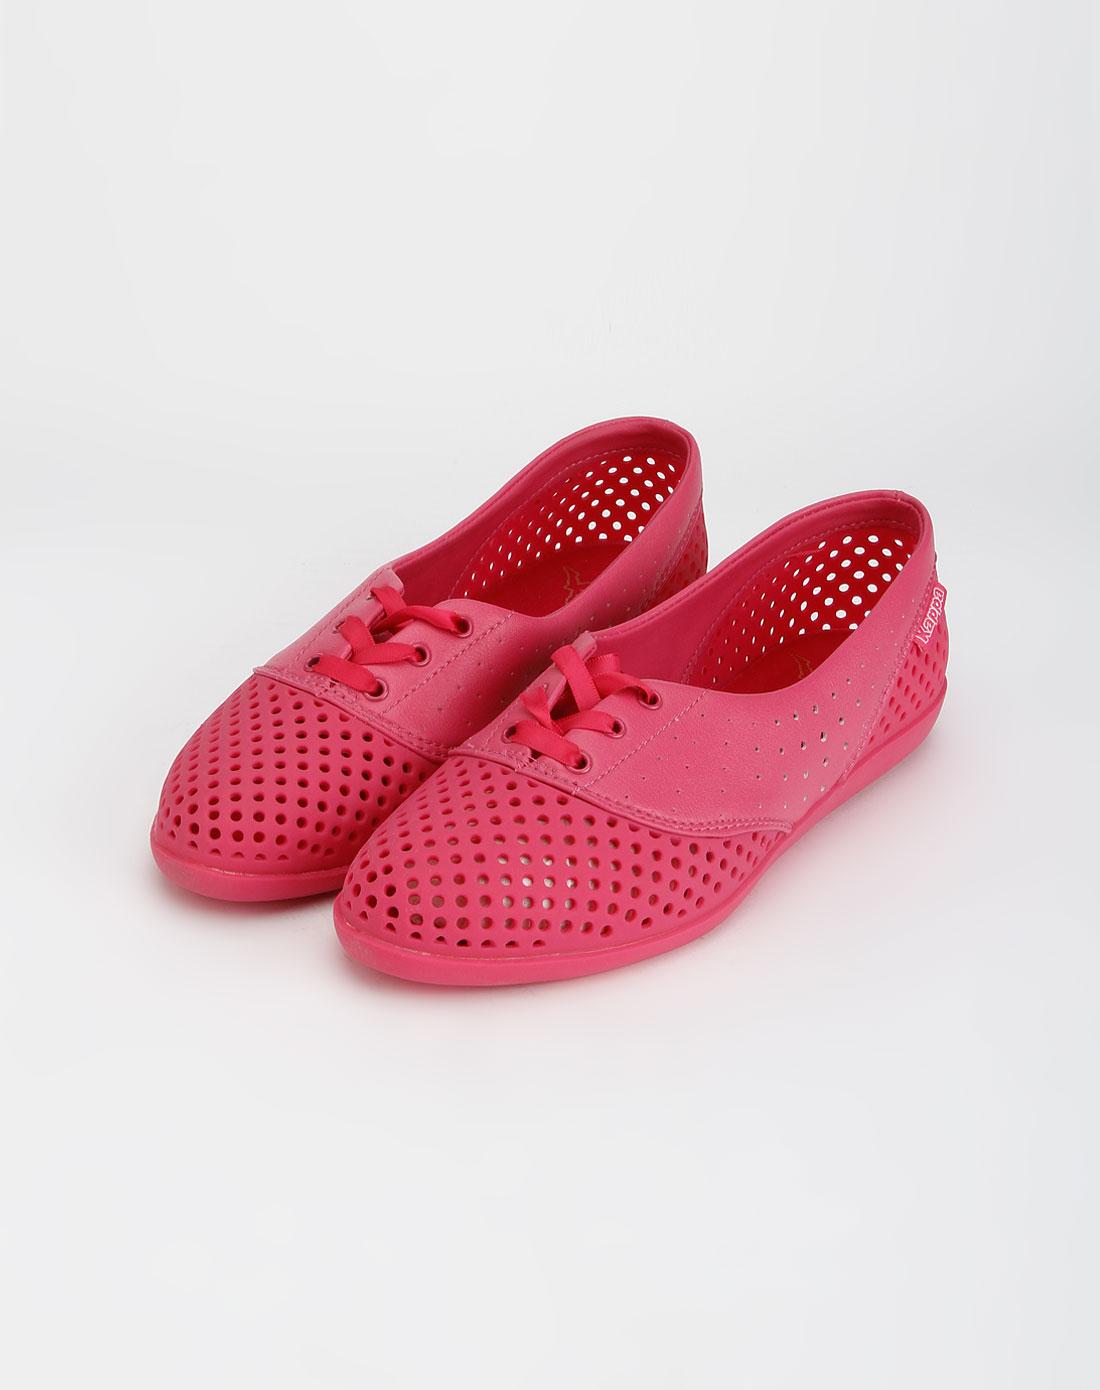 卡帕kappa玫红色时尚个性系带休闲鞋k5102bb230-503